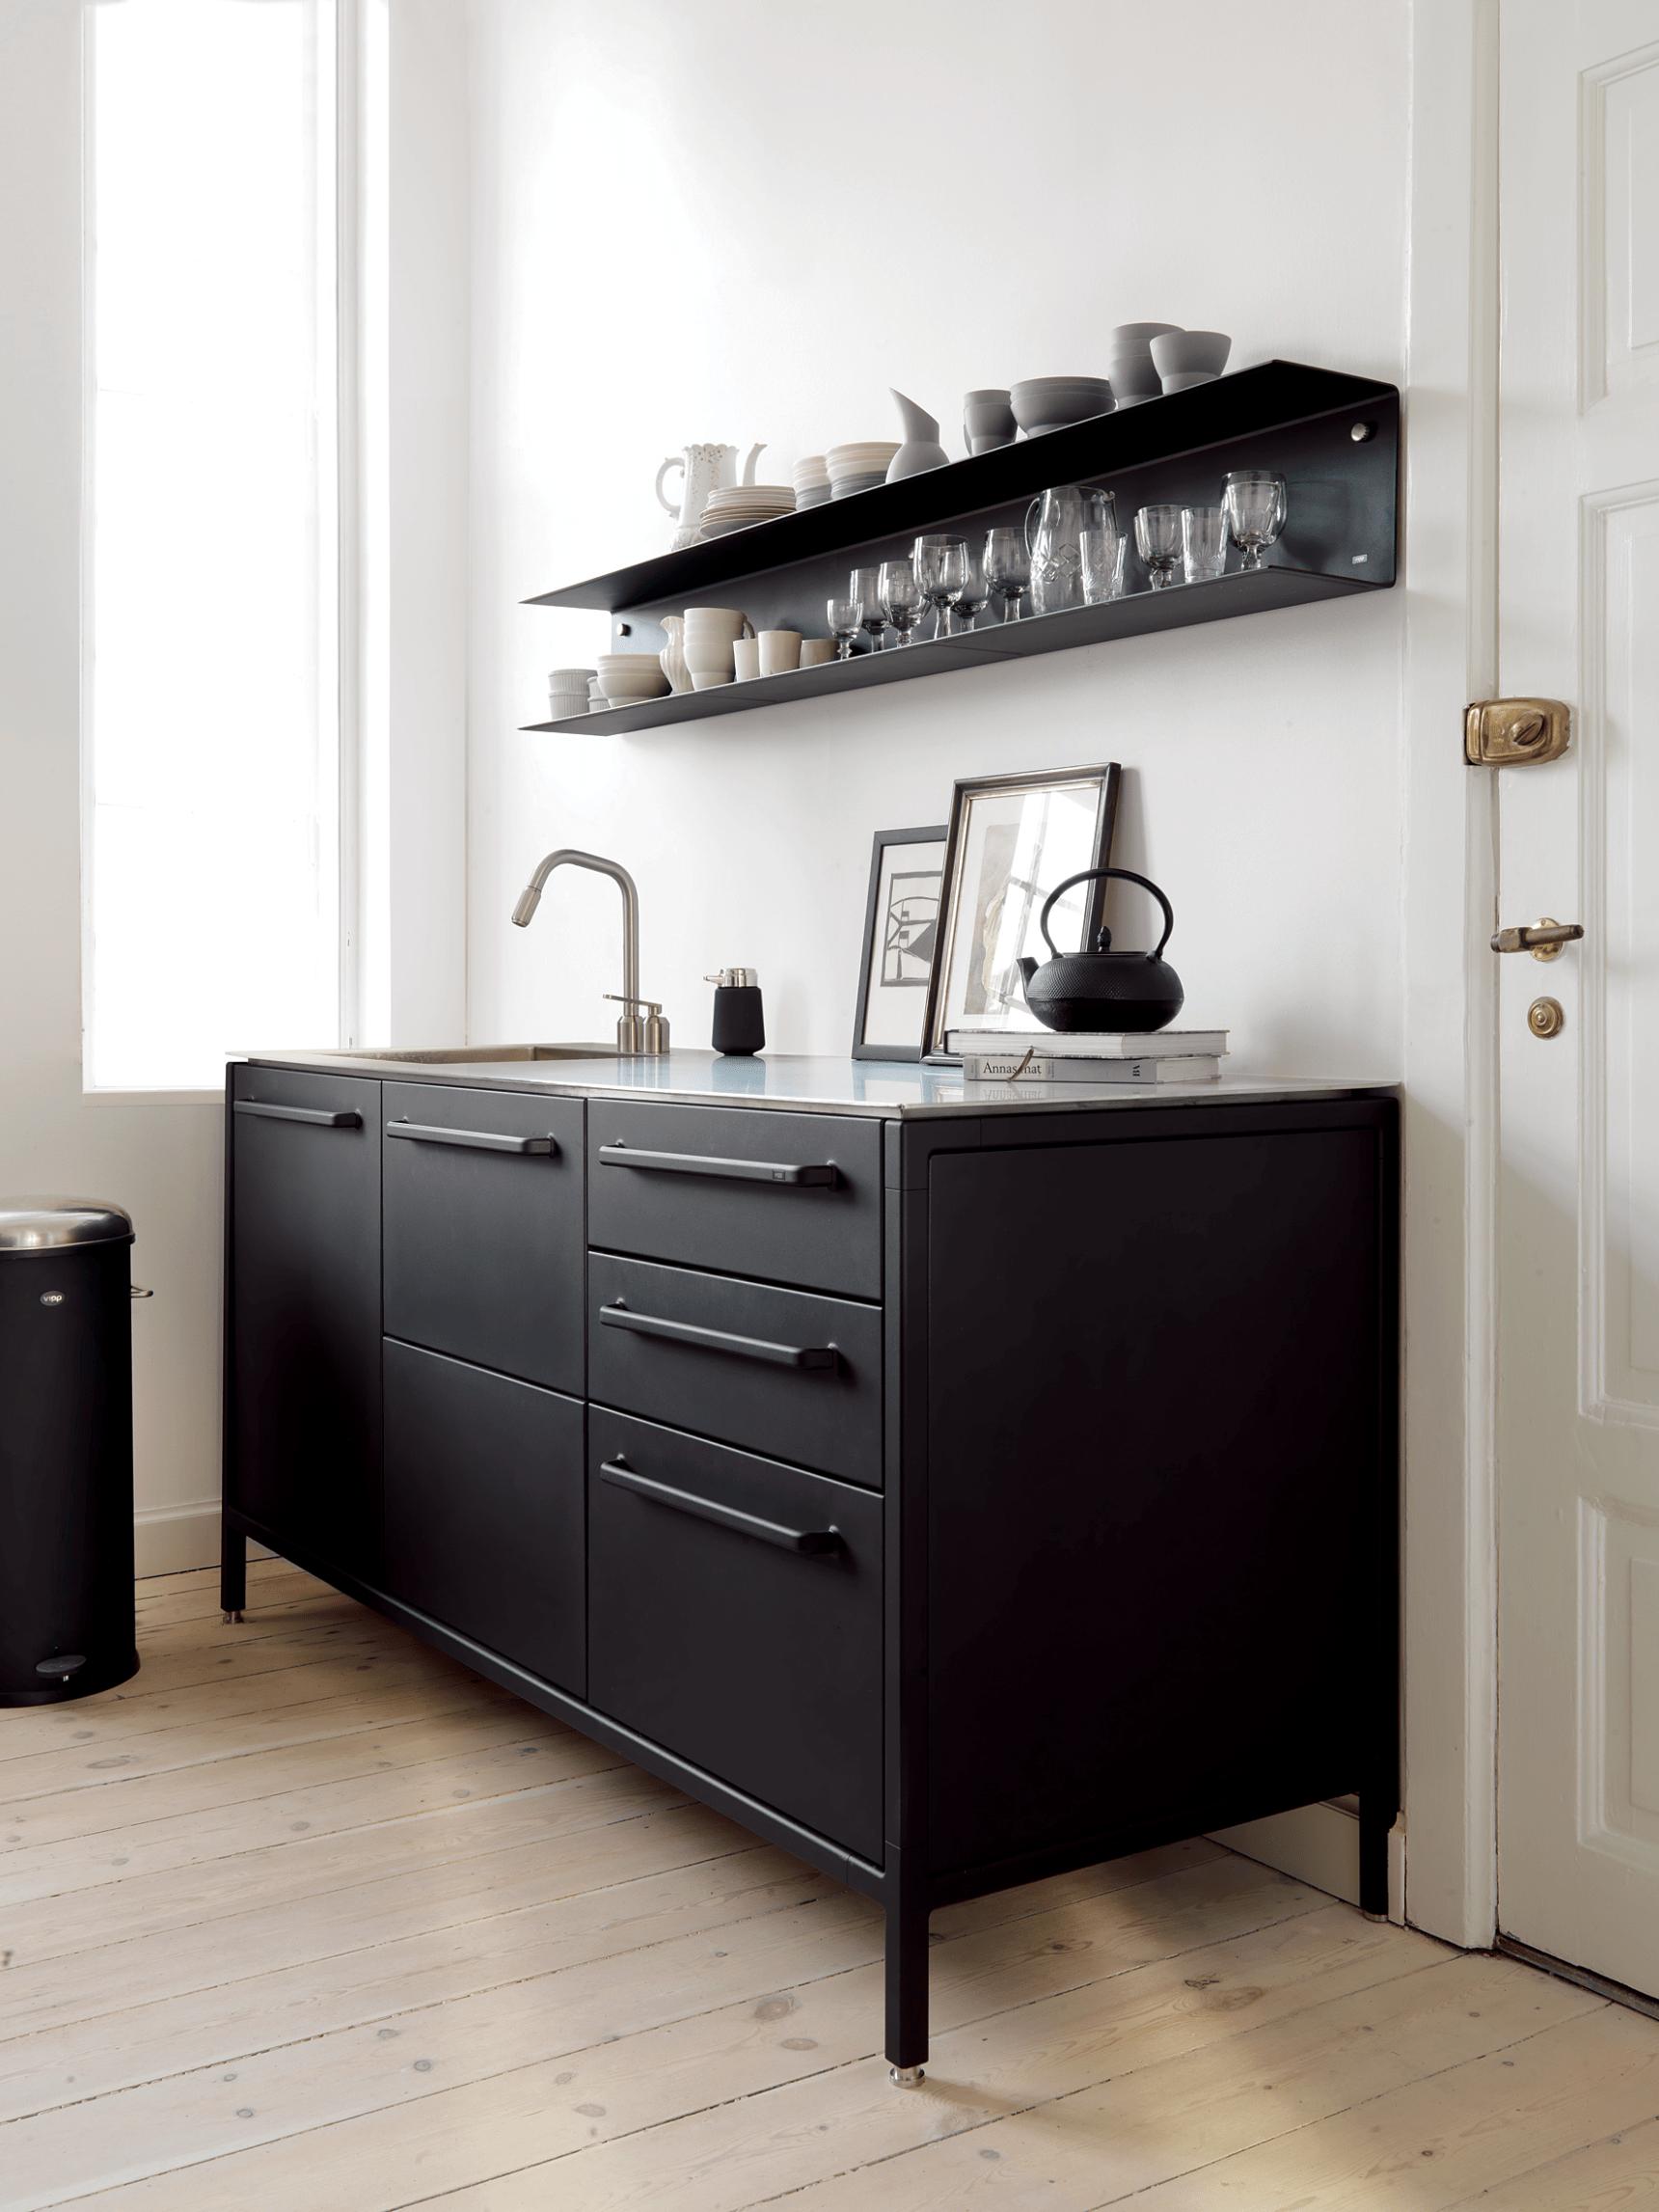 Küchen-Design Inspirationen: So könnte Deine nächste Küche aussehen 4